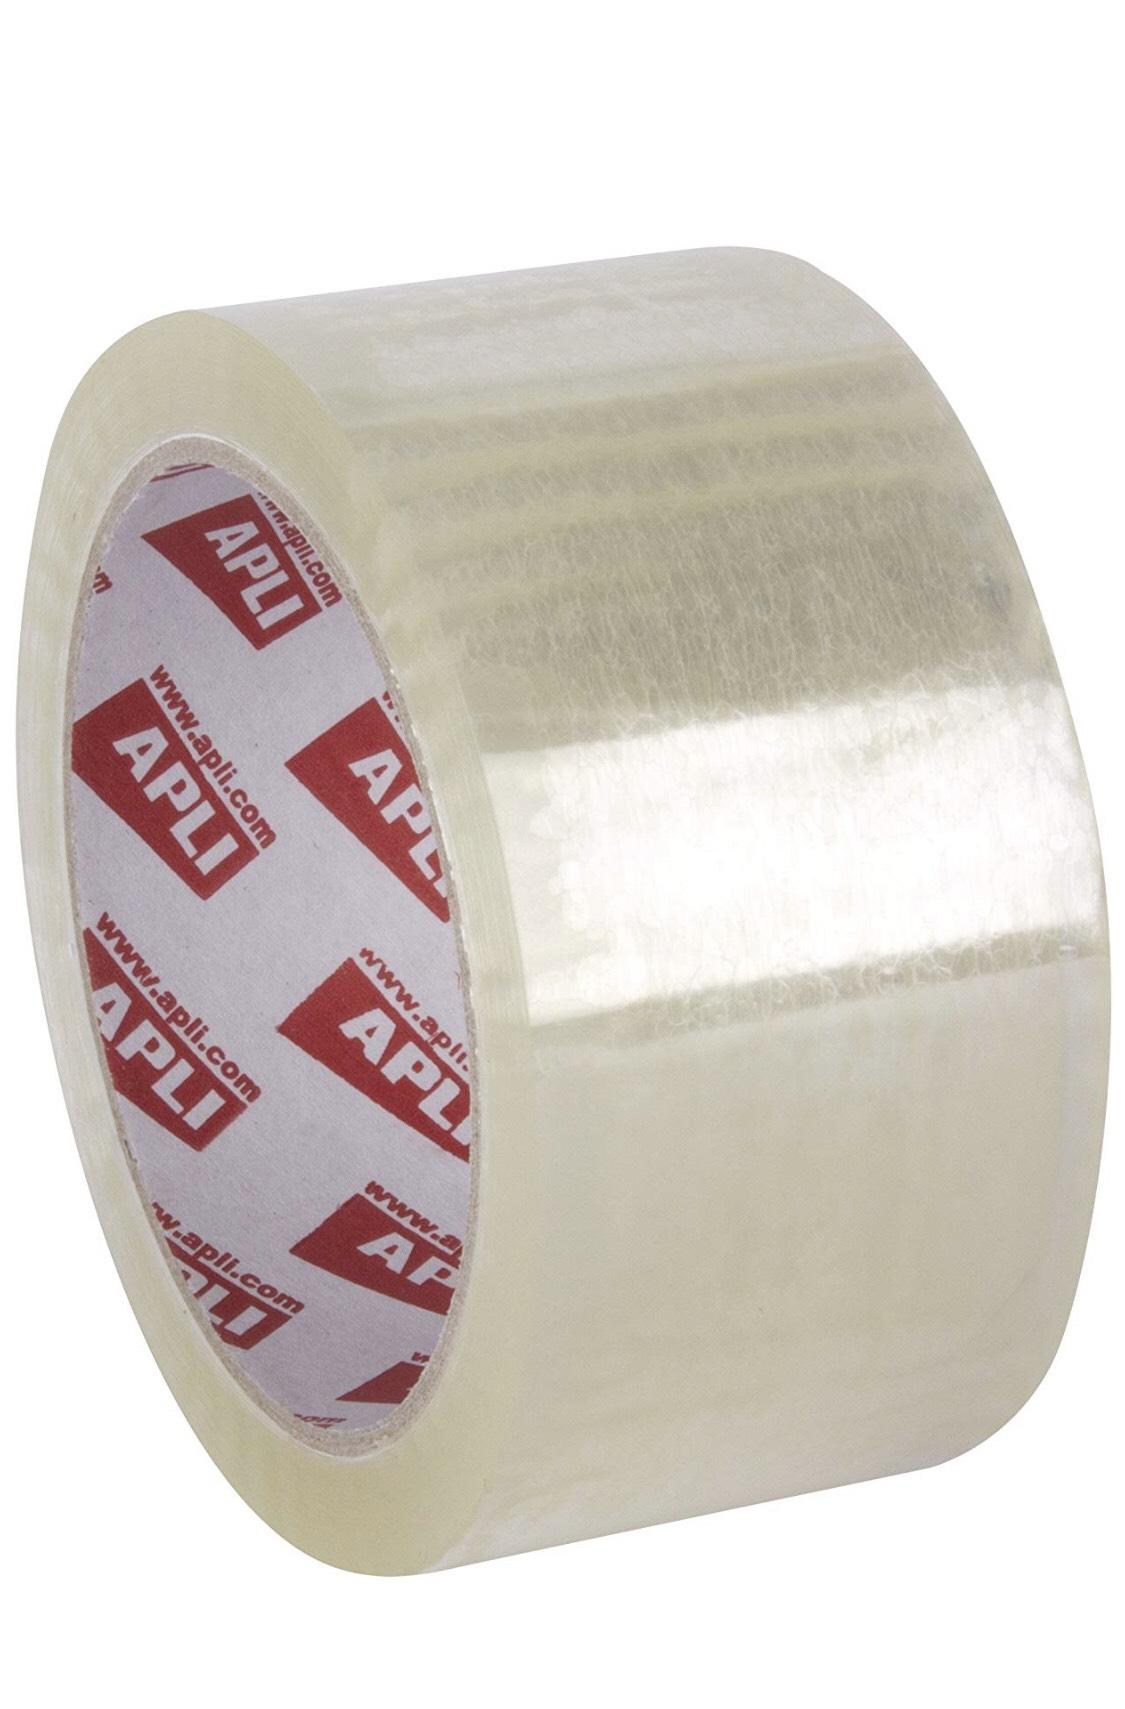 A PLI 12321 - Pack de 36 rollos de precinto